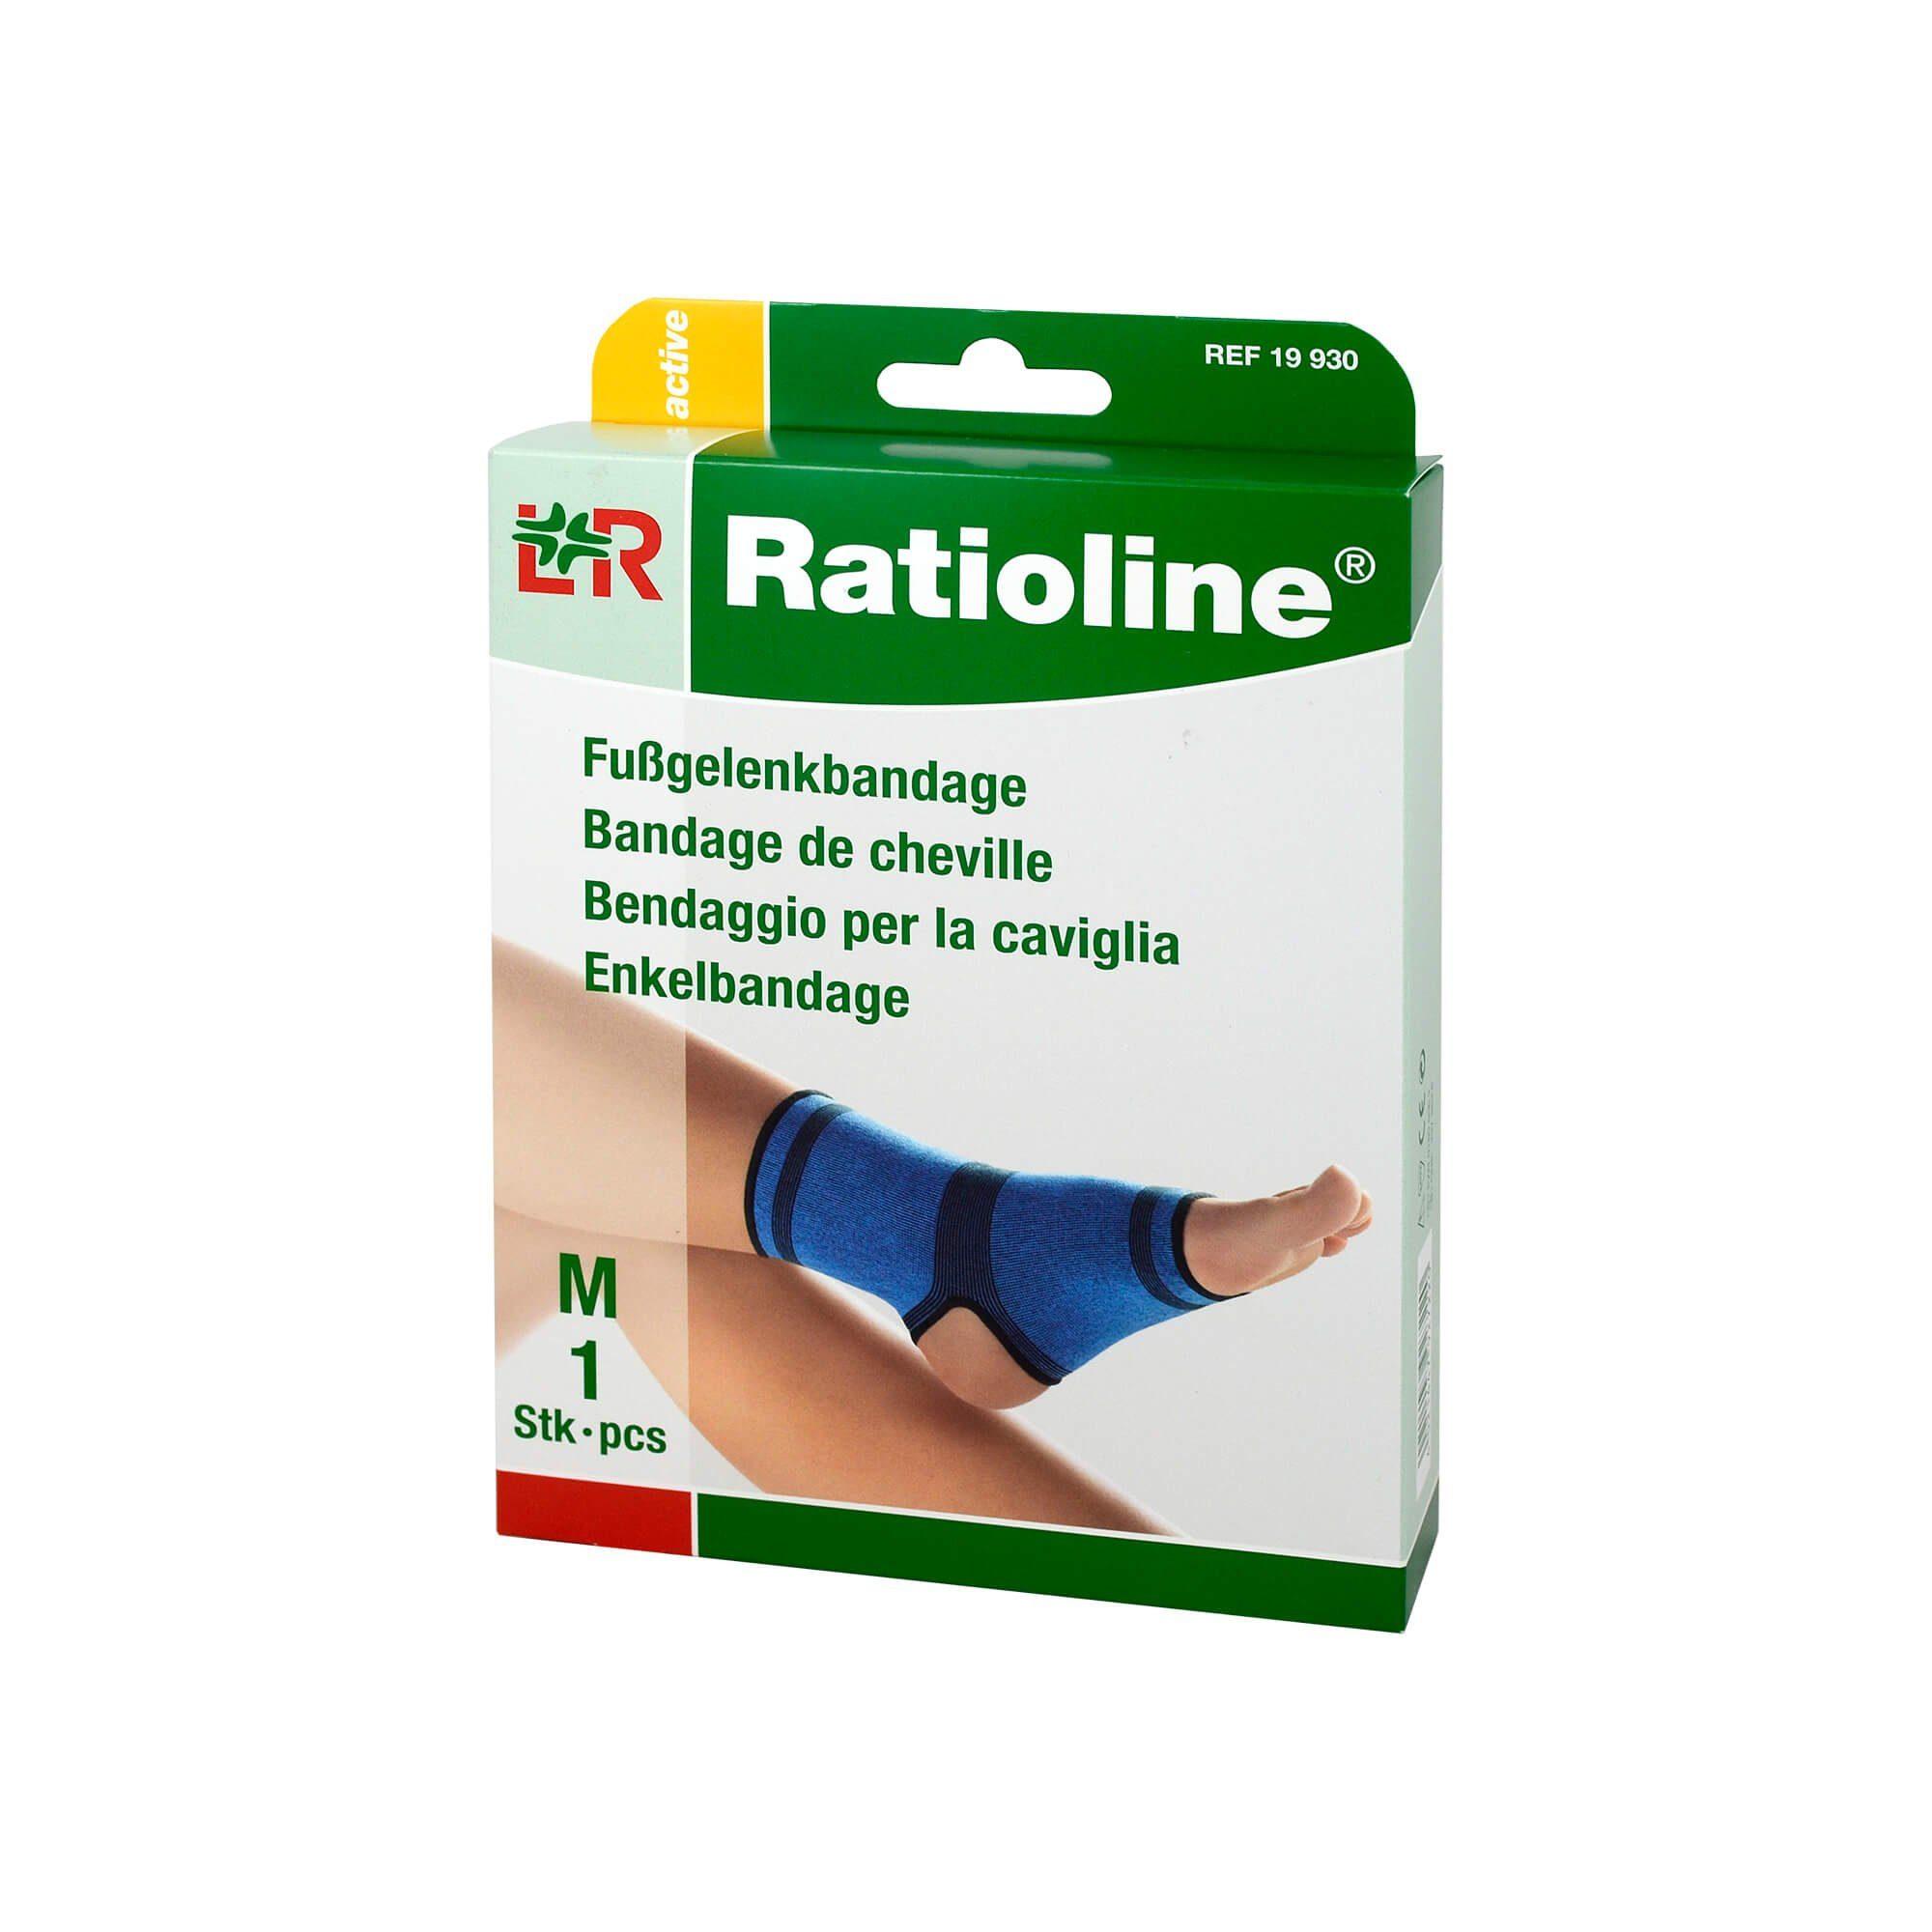 Ratioline Active Fußgelenkbandage Größe M , 1 St